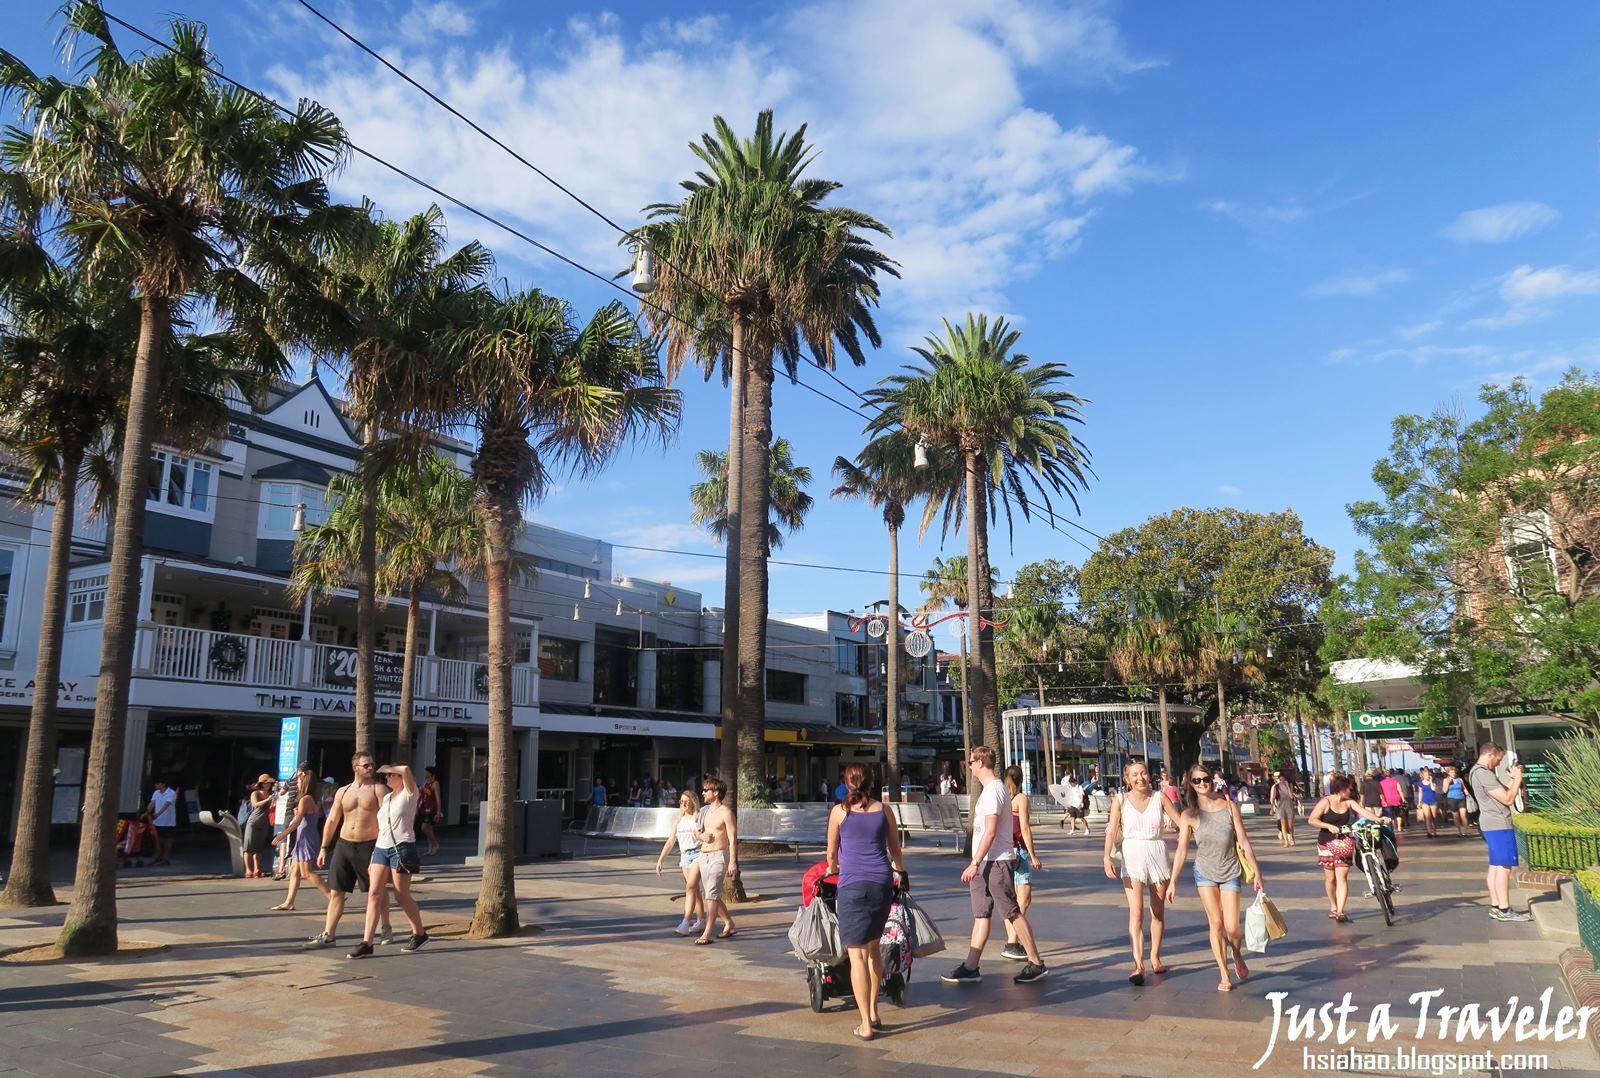 雪梨-悉尼-景點-推薦-曼利-海灘-交通-自由行-行程-旅遊-澳洲-Sydney-Manly-Beach-Tourist-Attraction-Travel-Australia